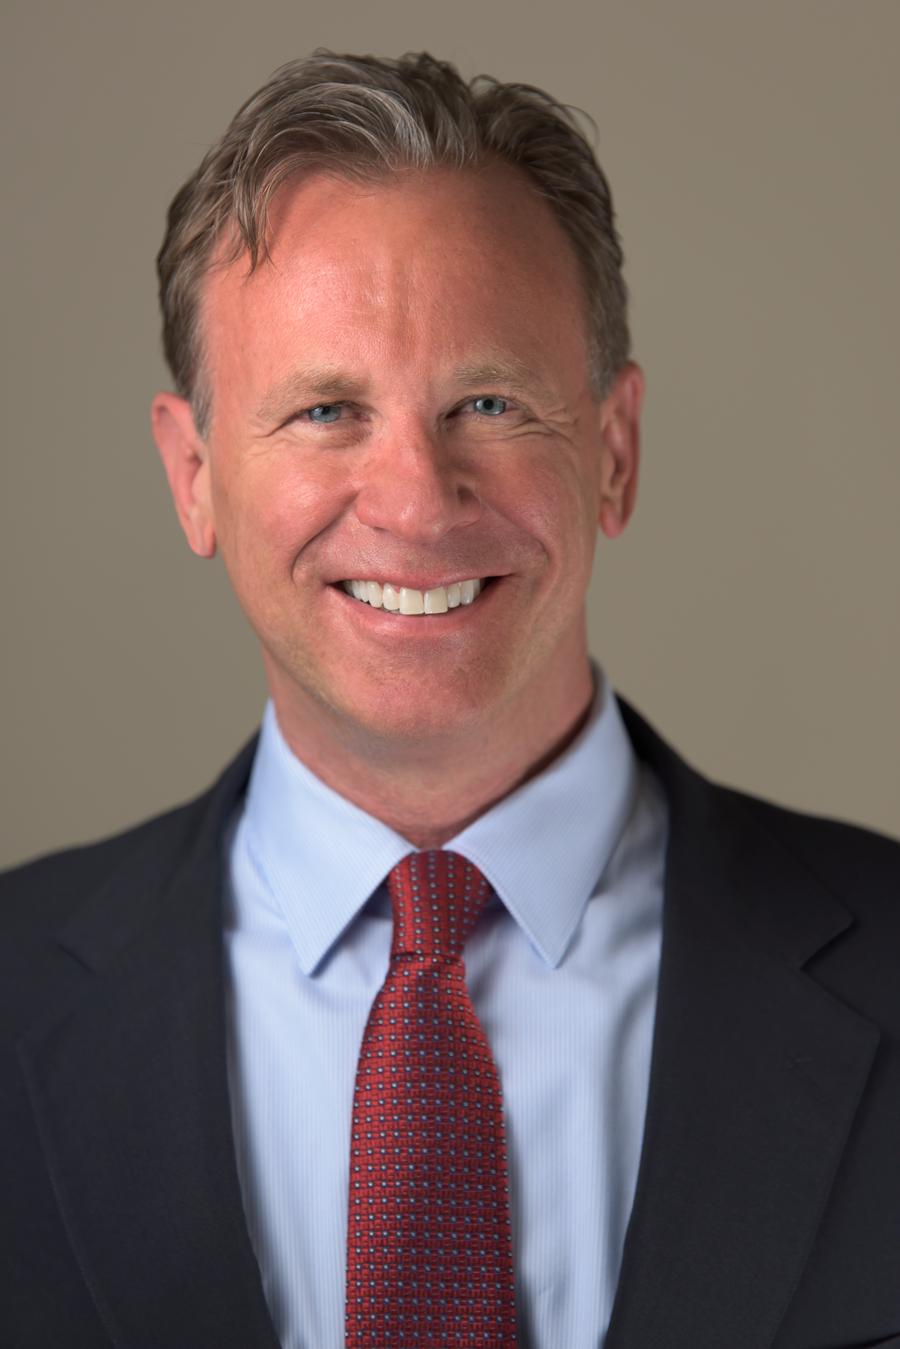 Jeffrey Wilcox